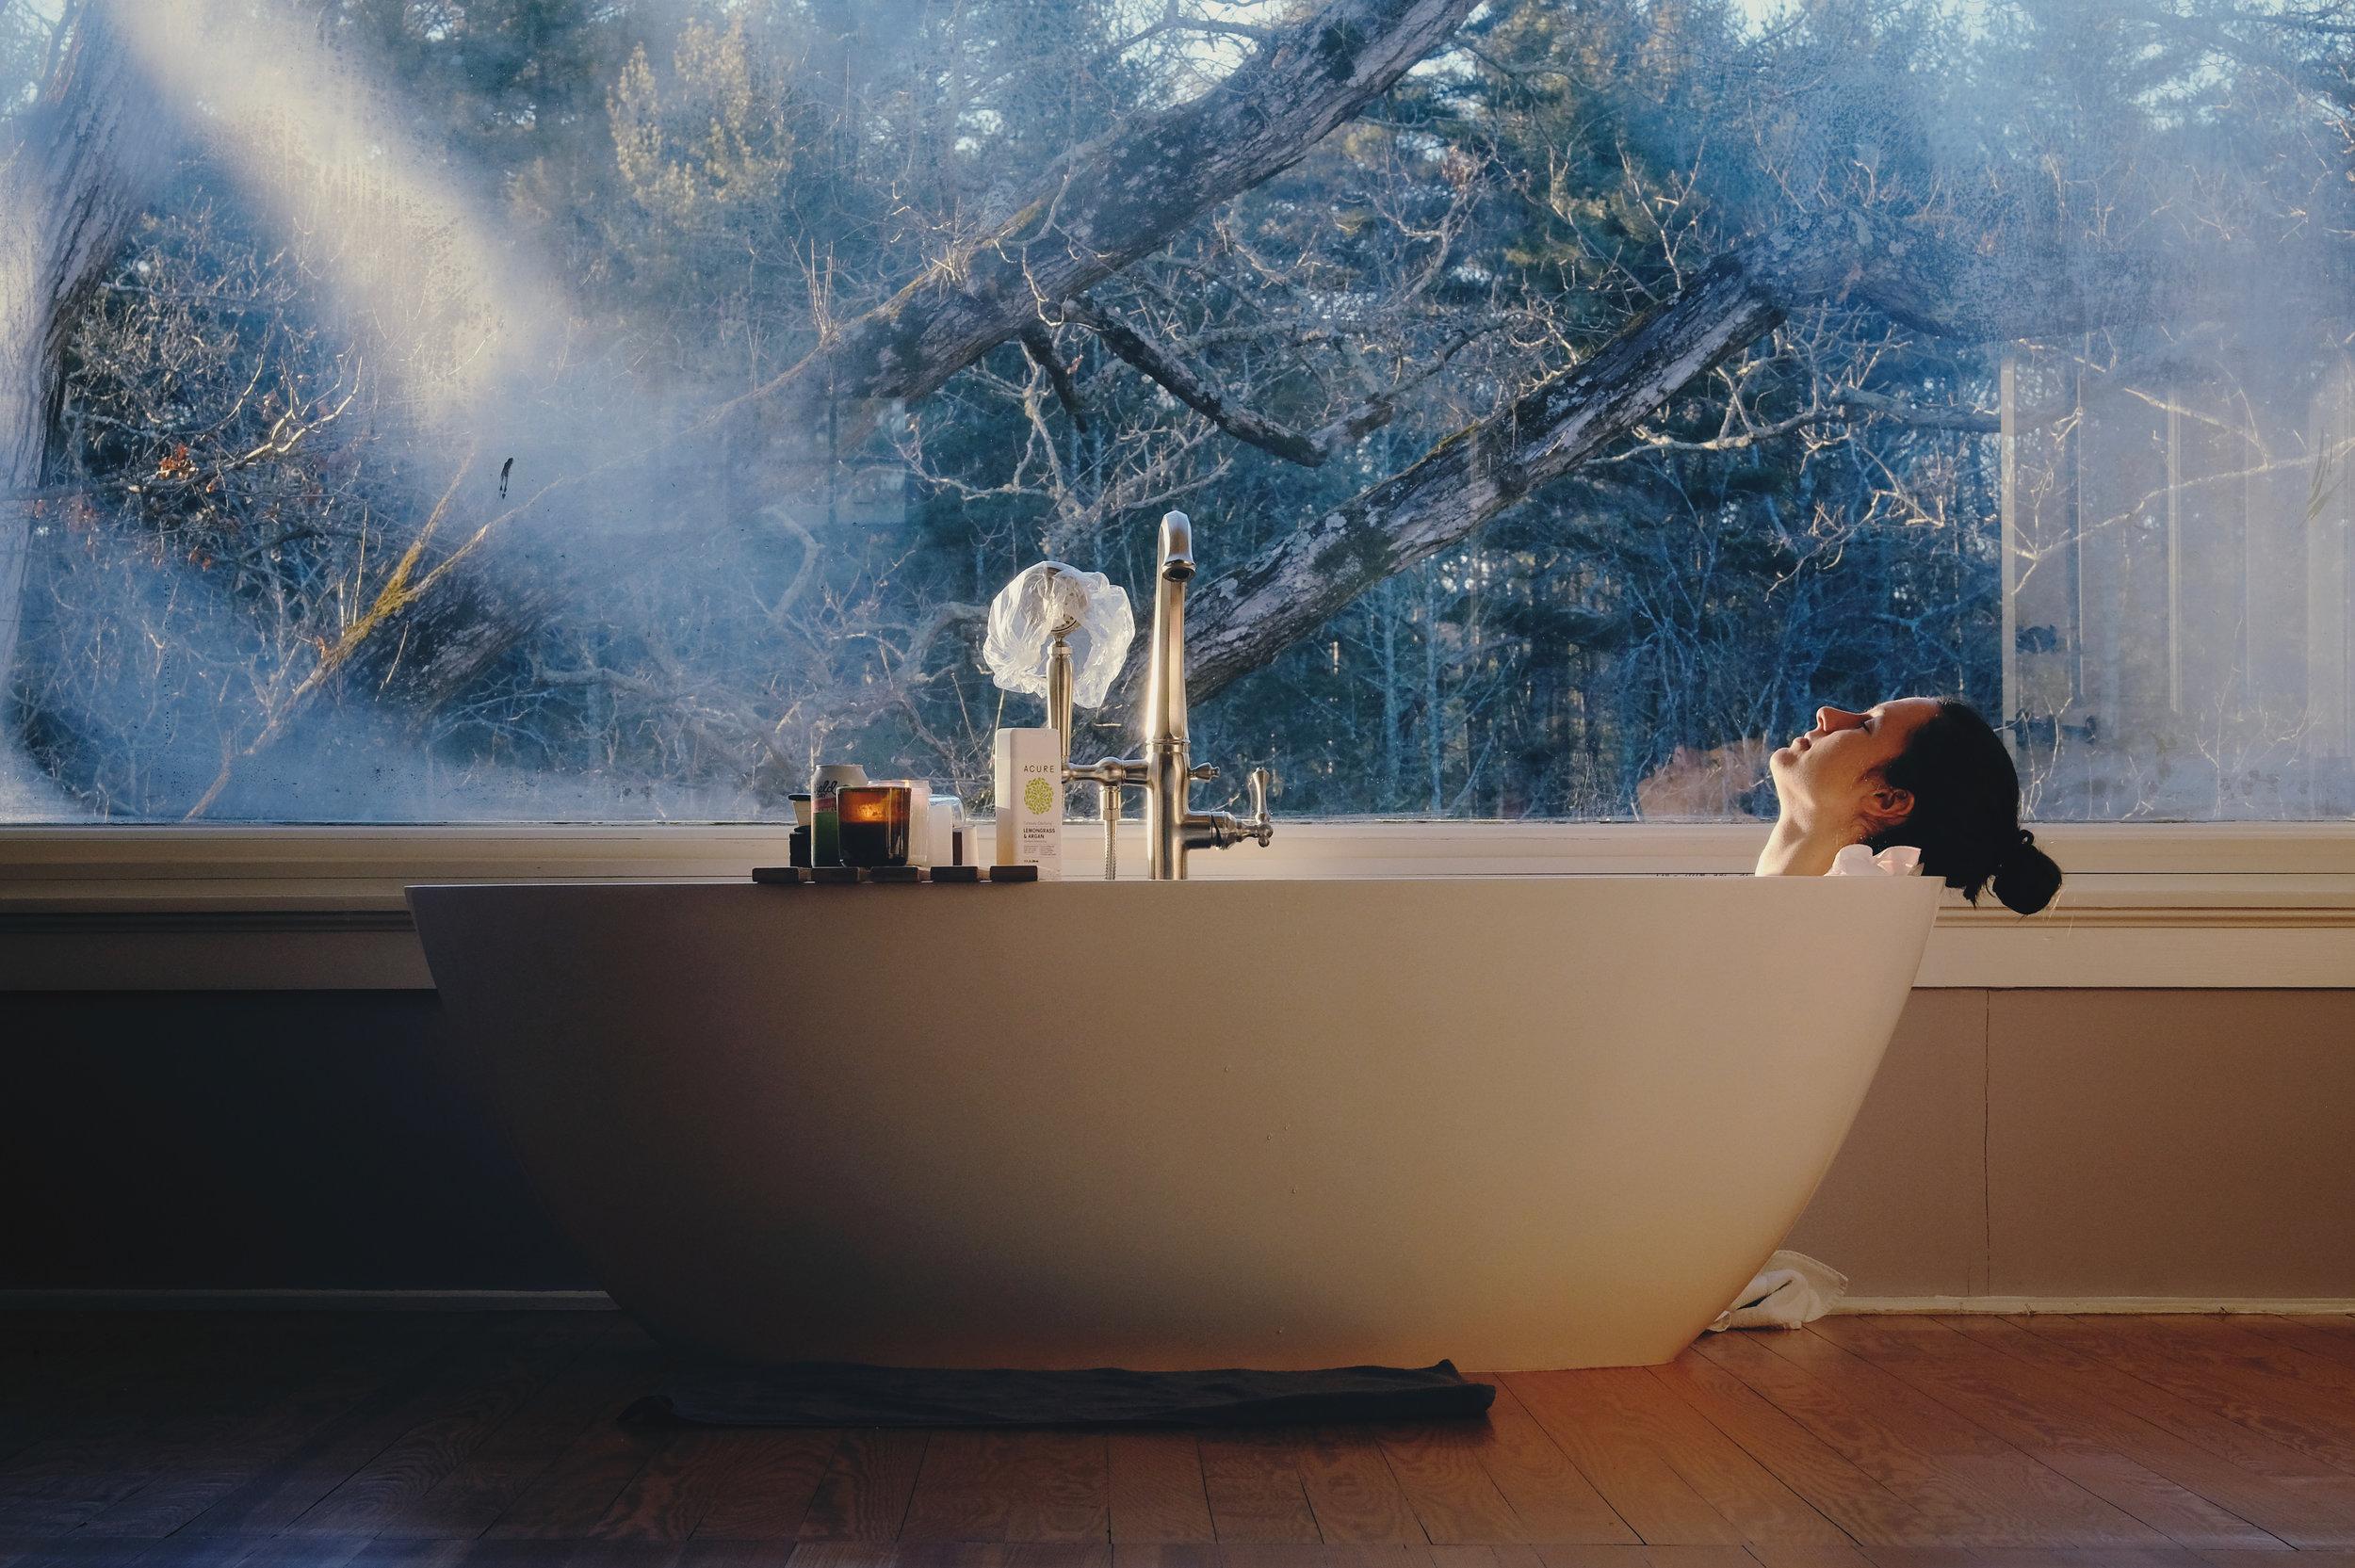 anna_in_bath.jpeg